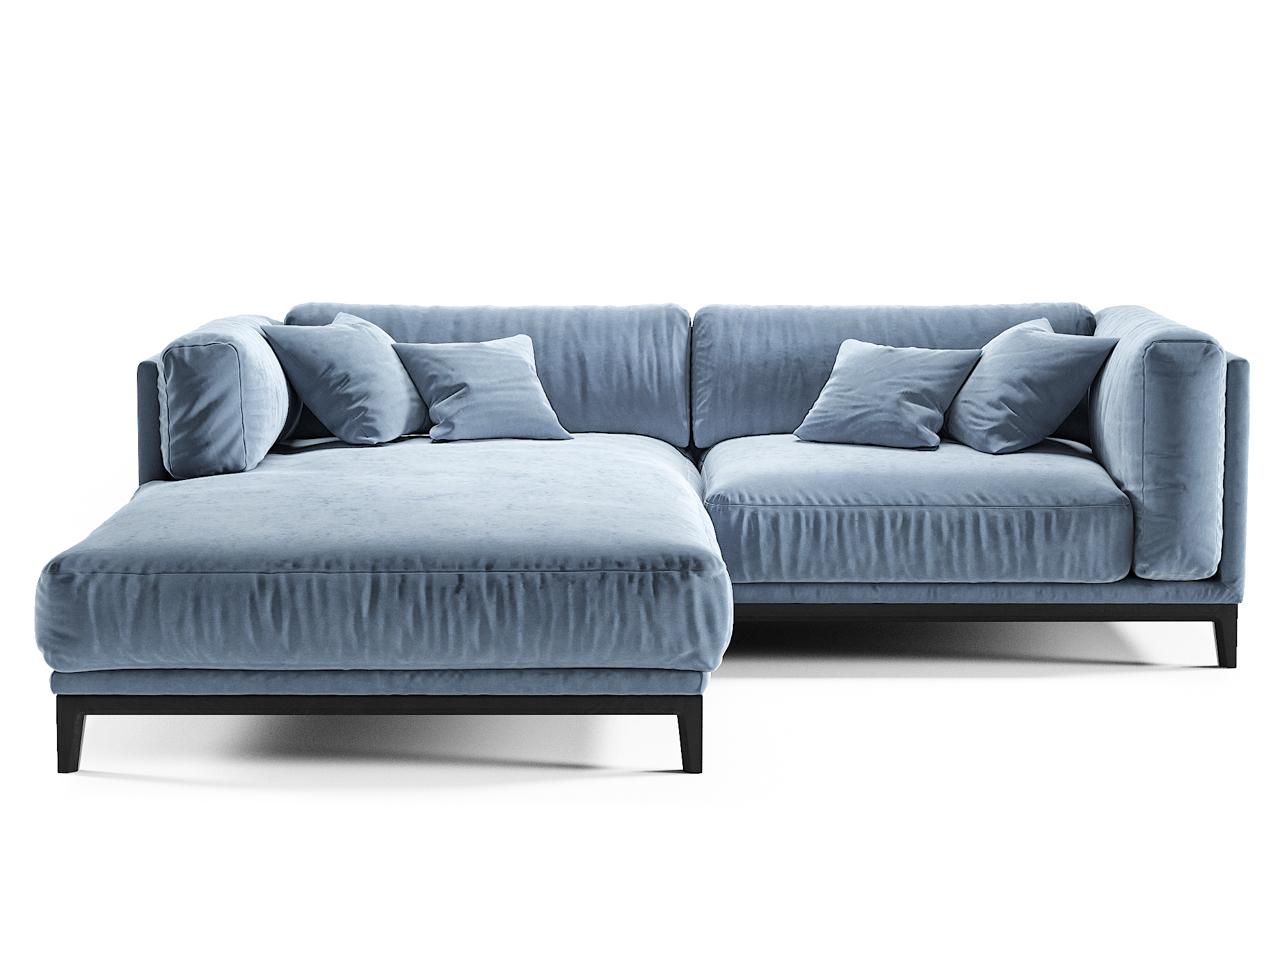 The idea диван case синий 108252/2